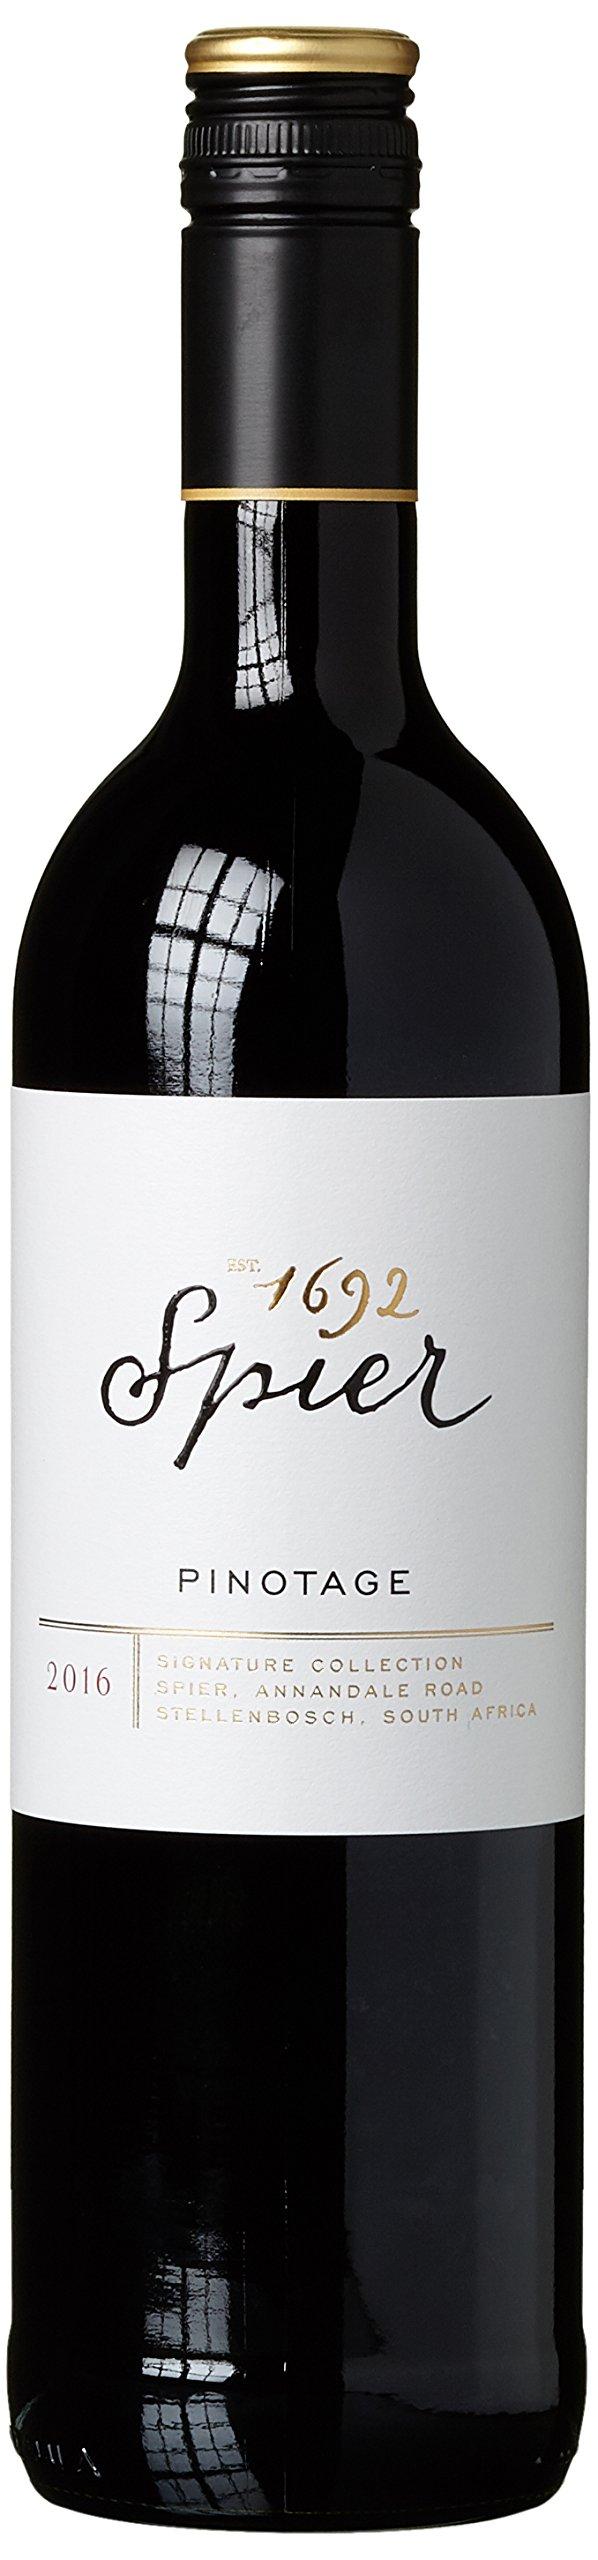 Pinotage-Signature-Spier-2016-trocken-6-x-075-l